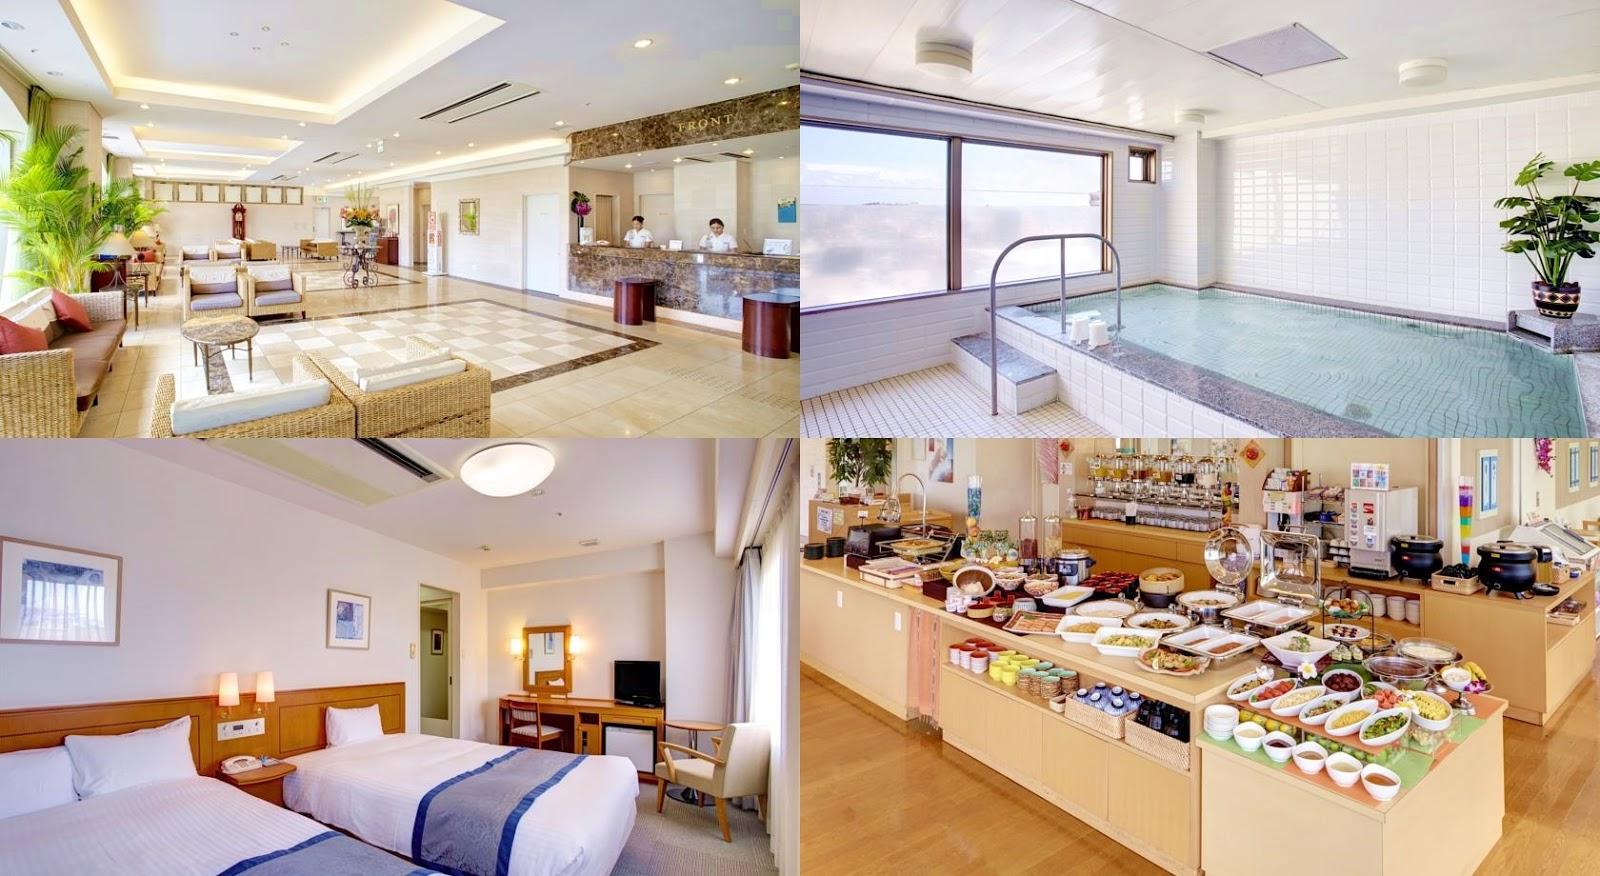 沖繩-住宿-推薦-飯店-旅館-民宿-公寓-那霸-新都心-法華俱樂部酒店-Hotel-Hokke-Club-Naha-Shintoshin-Okinawa-hotel-recommendation